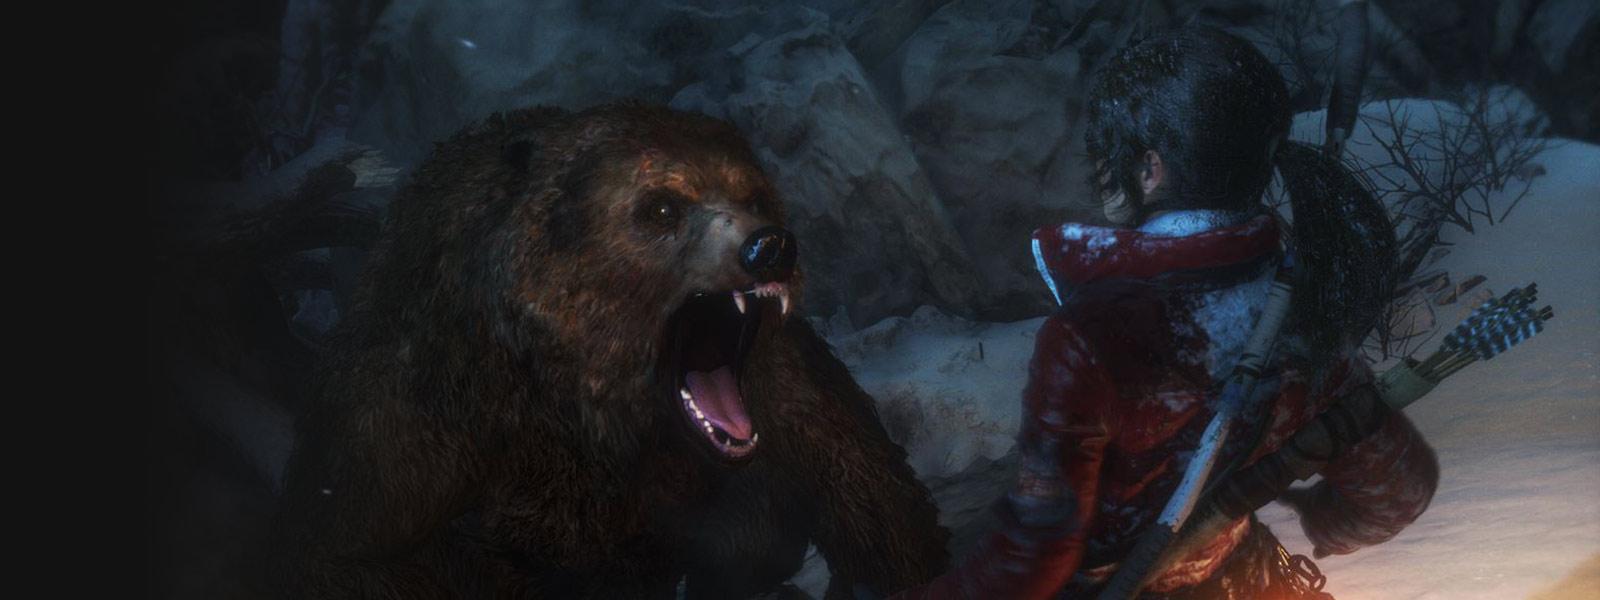 Lara a encontrar um grande urso pardo